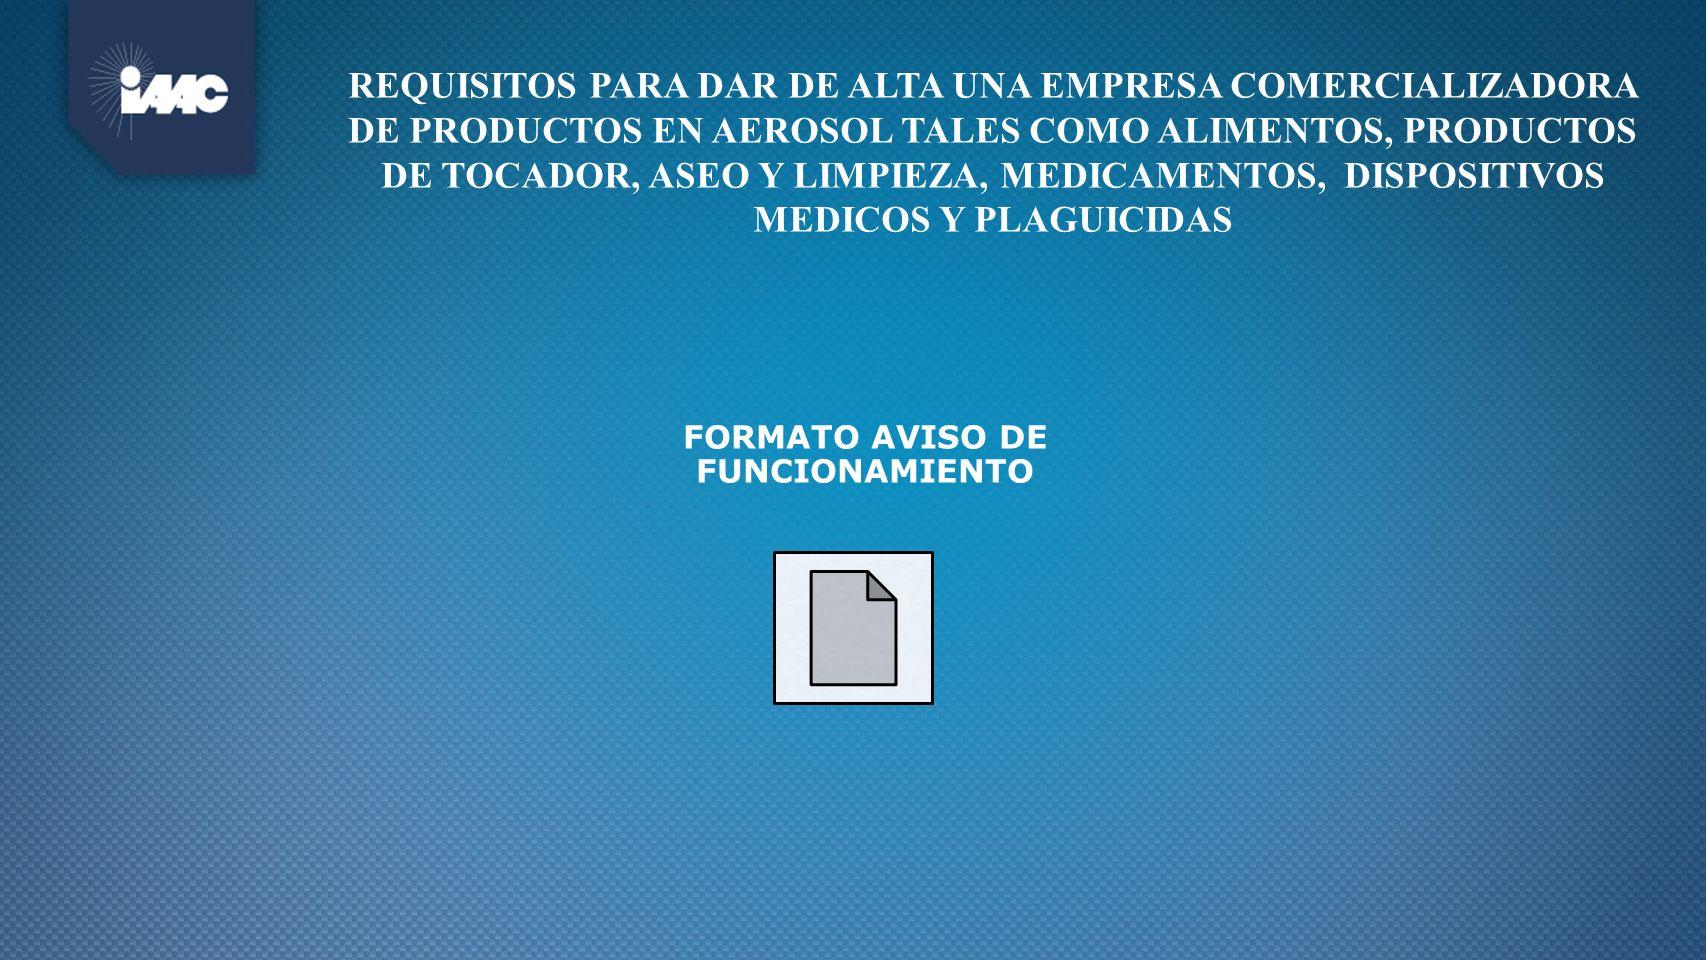 REQUISITOS PARA DAR DE ALTA UNA EMPRESA COMERCIALIZADORA DE PRODUCTOS EN AEROSOL TALES COMO ALIMENTOS, PRODUCTOS DE TOCADOR, ASEO Y LIMPIEZA, MEDICAME